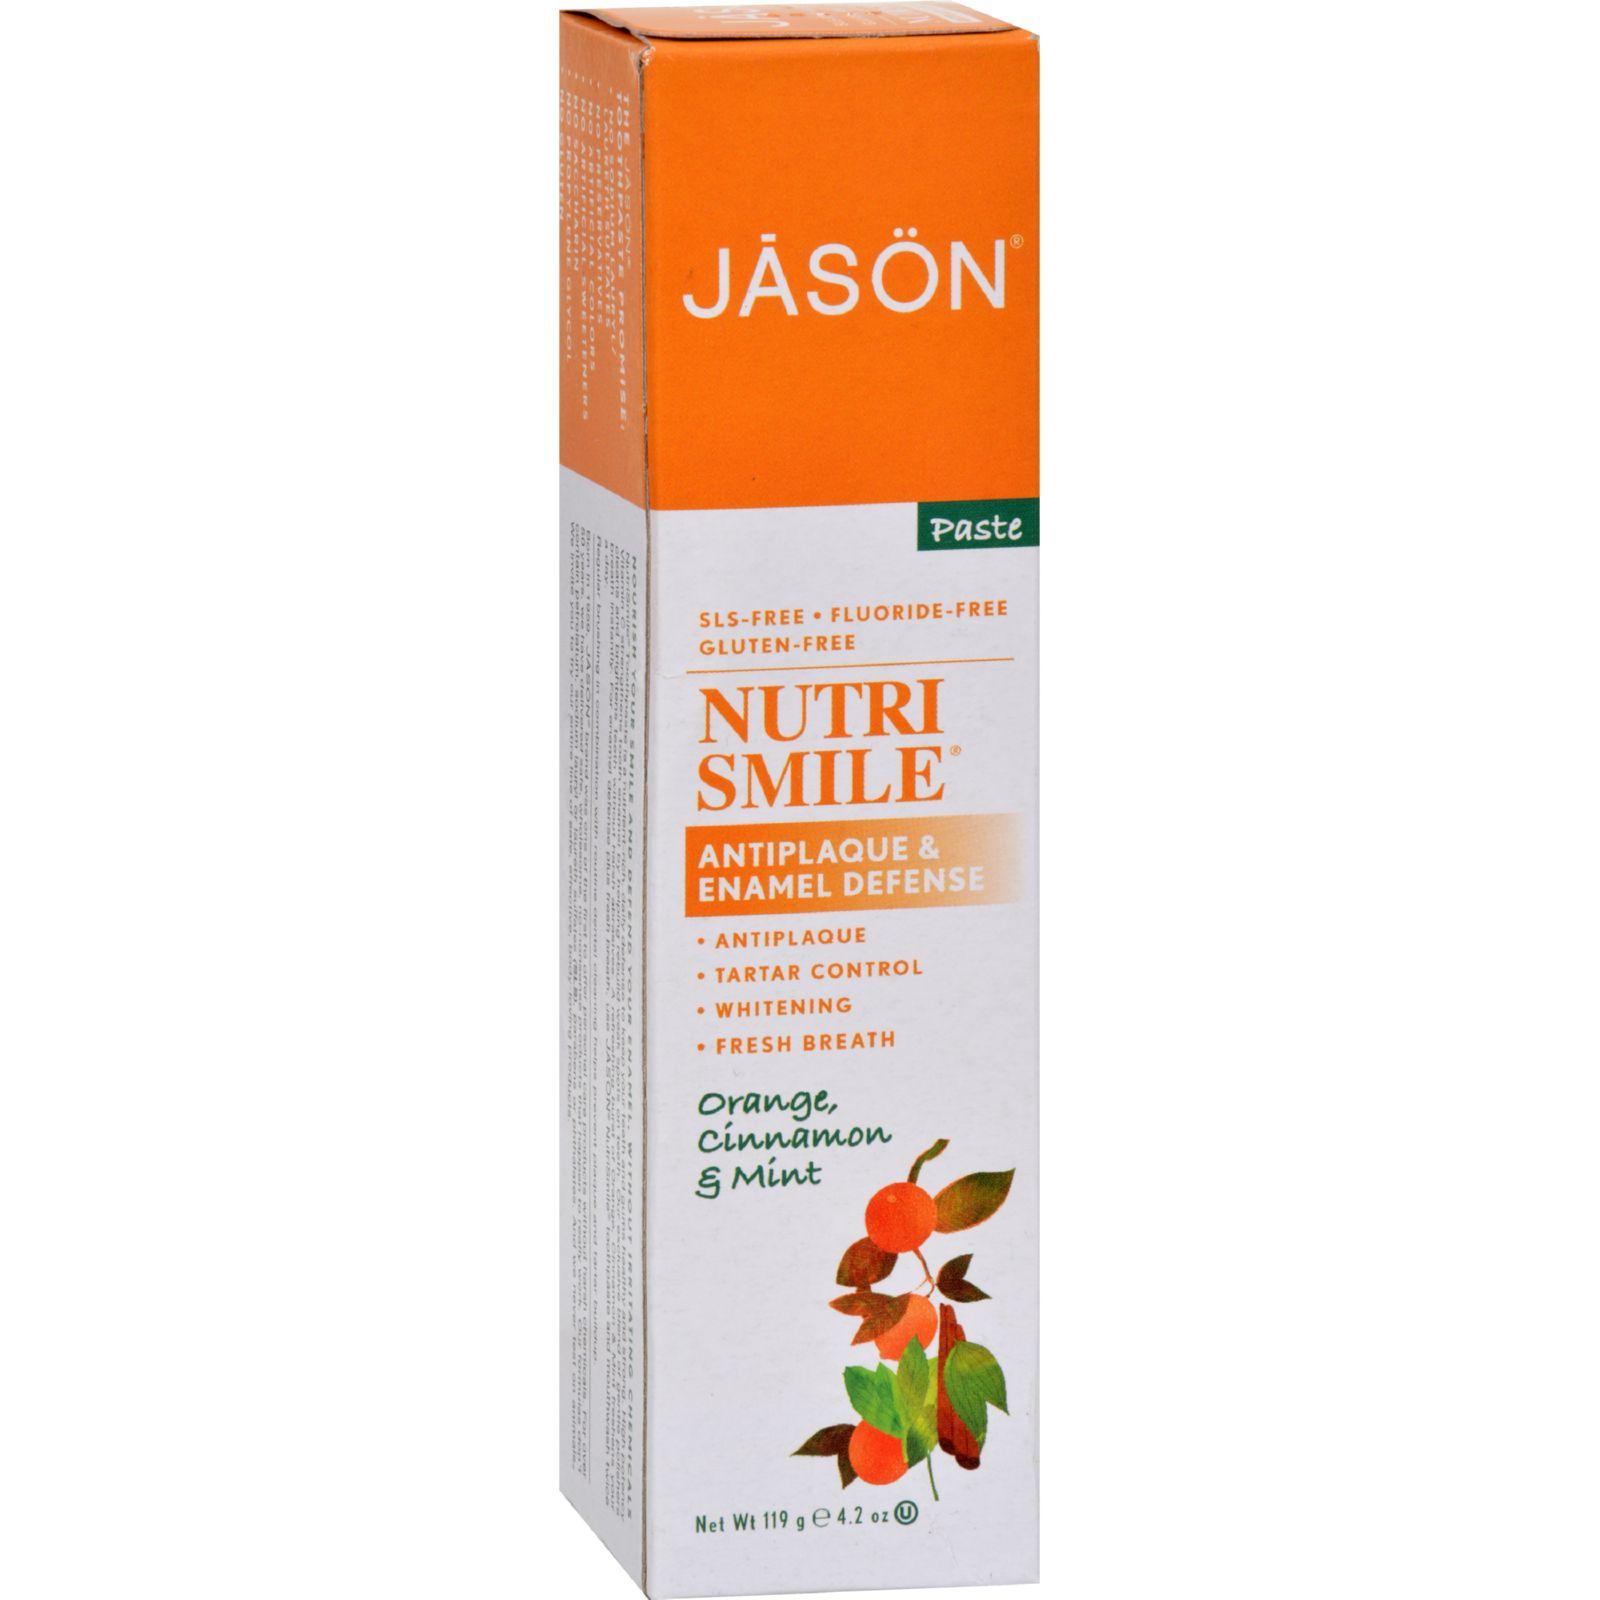 Jason Nutrismile Toothpaste Orange Cinnamon Mint - 4.2 oz